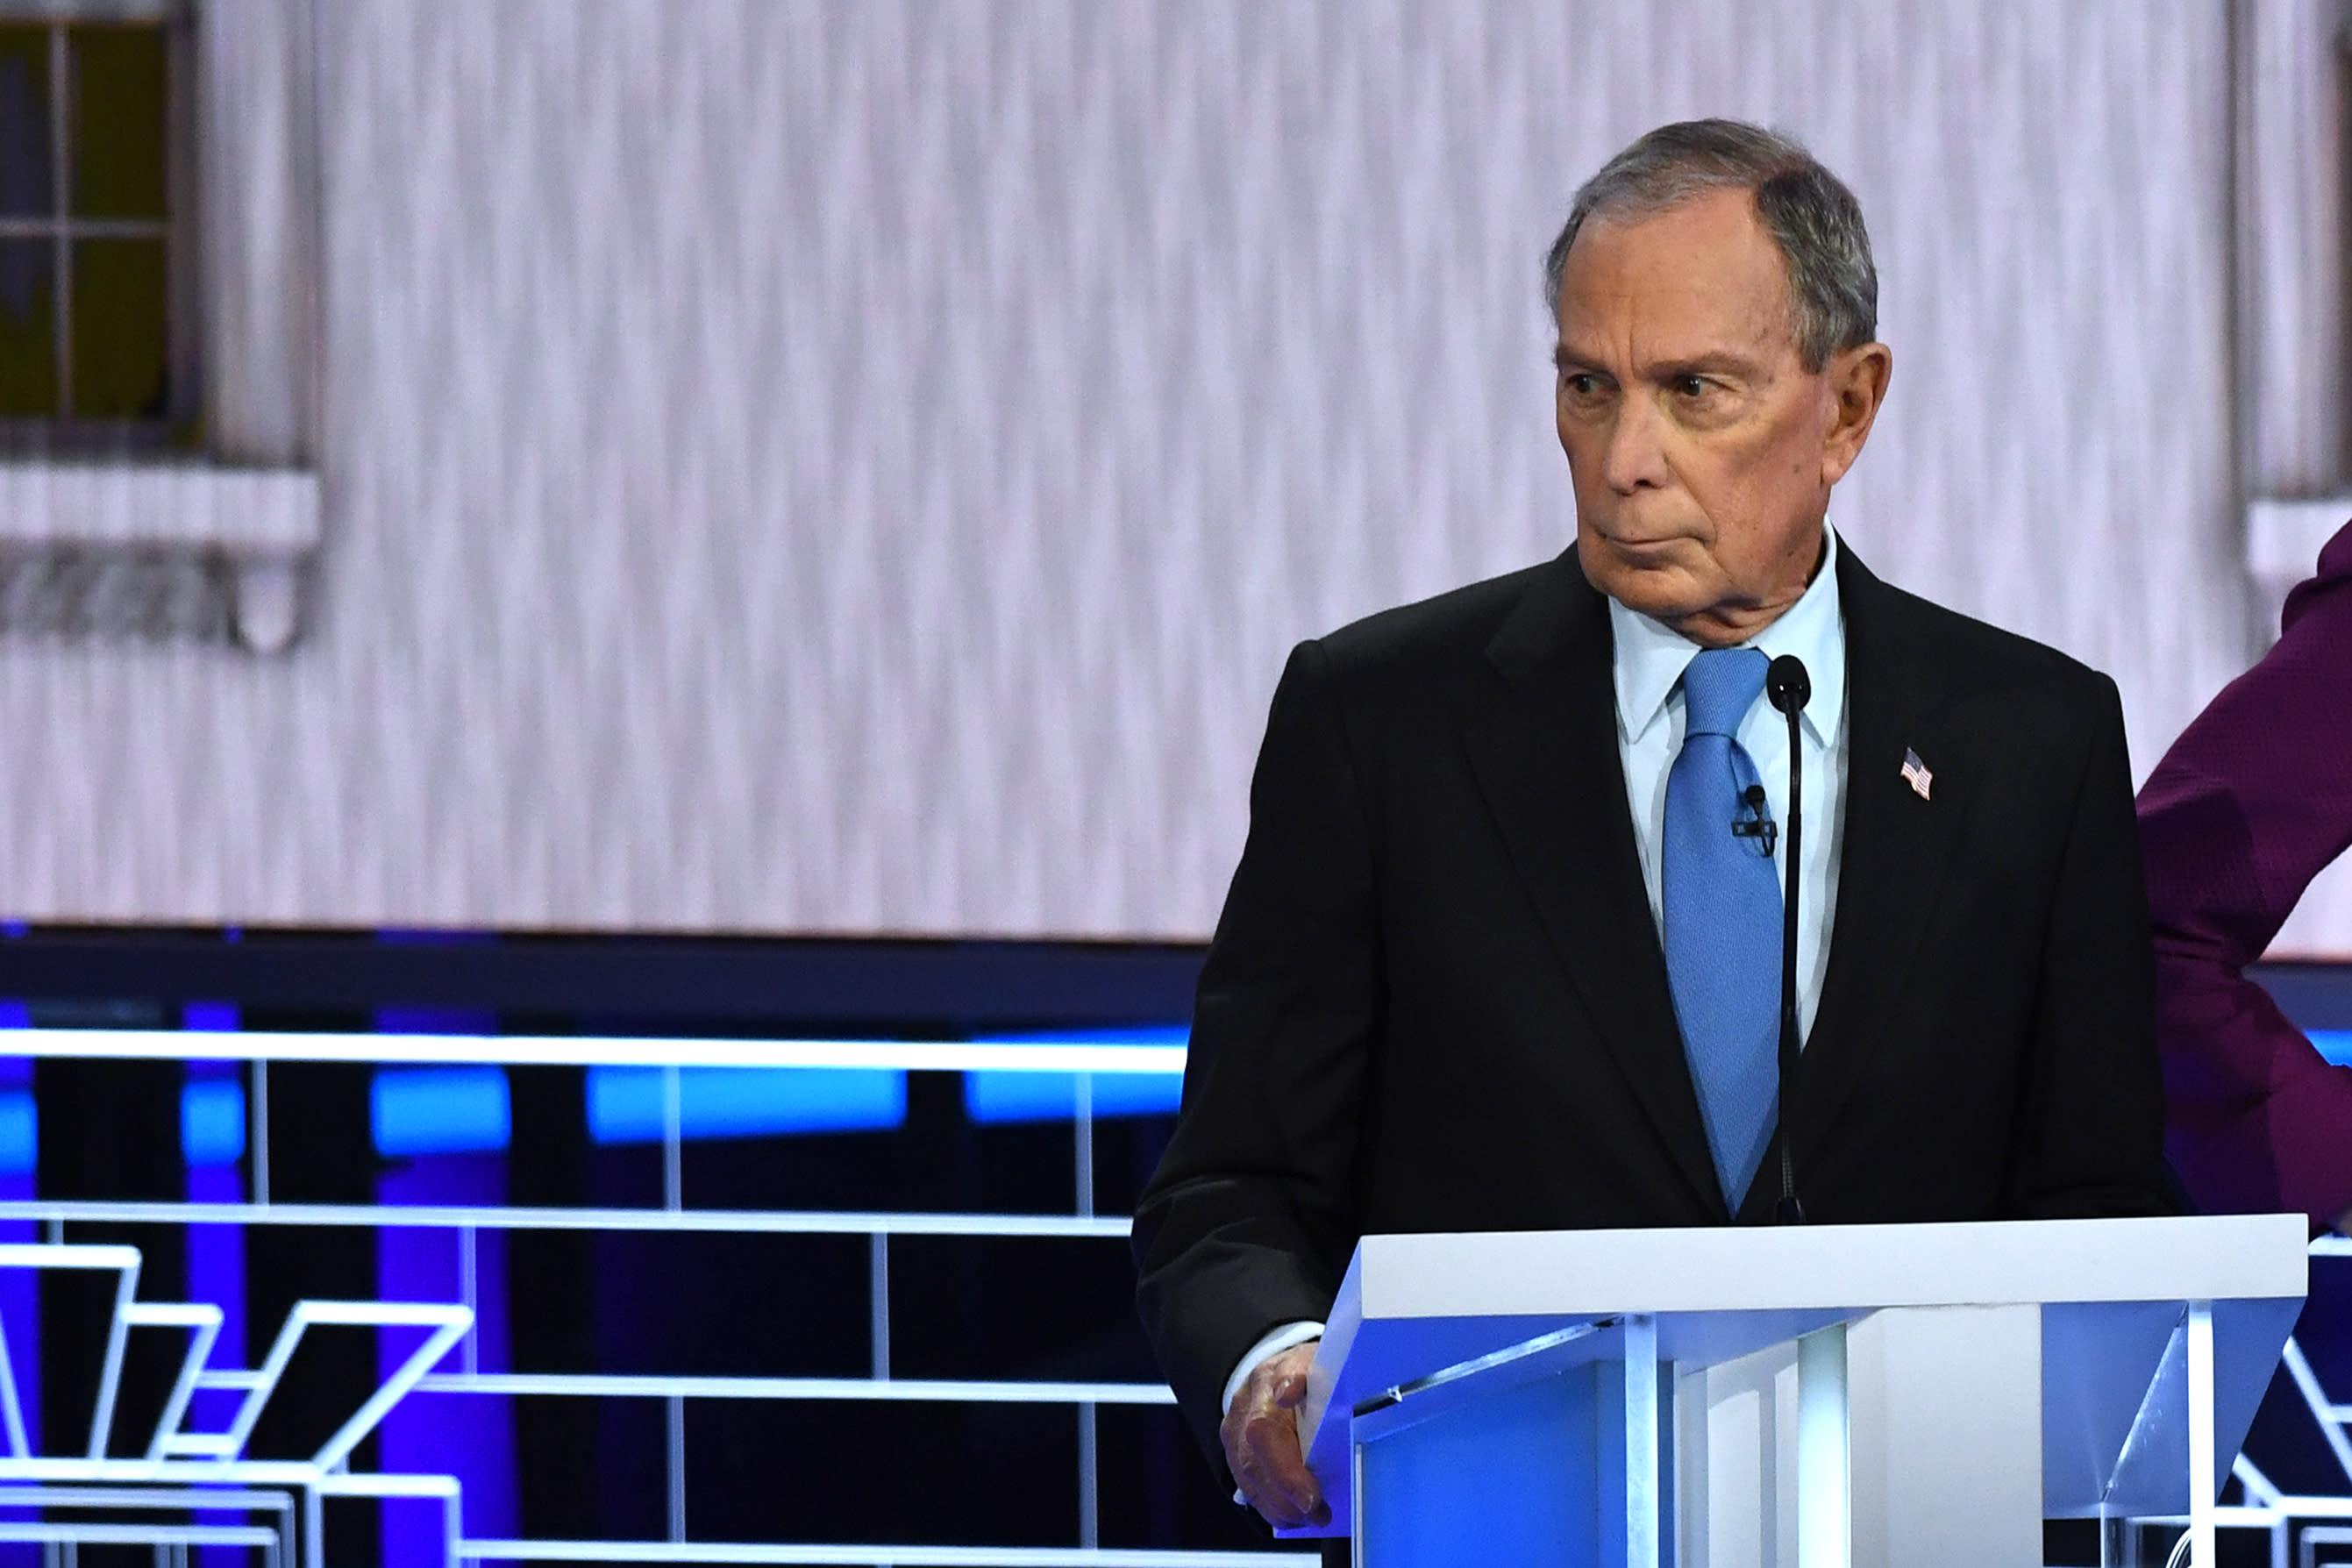 Bloomberg: I've earned my $50 billion net worth